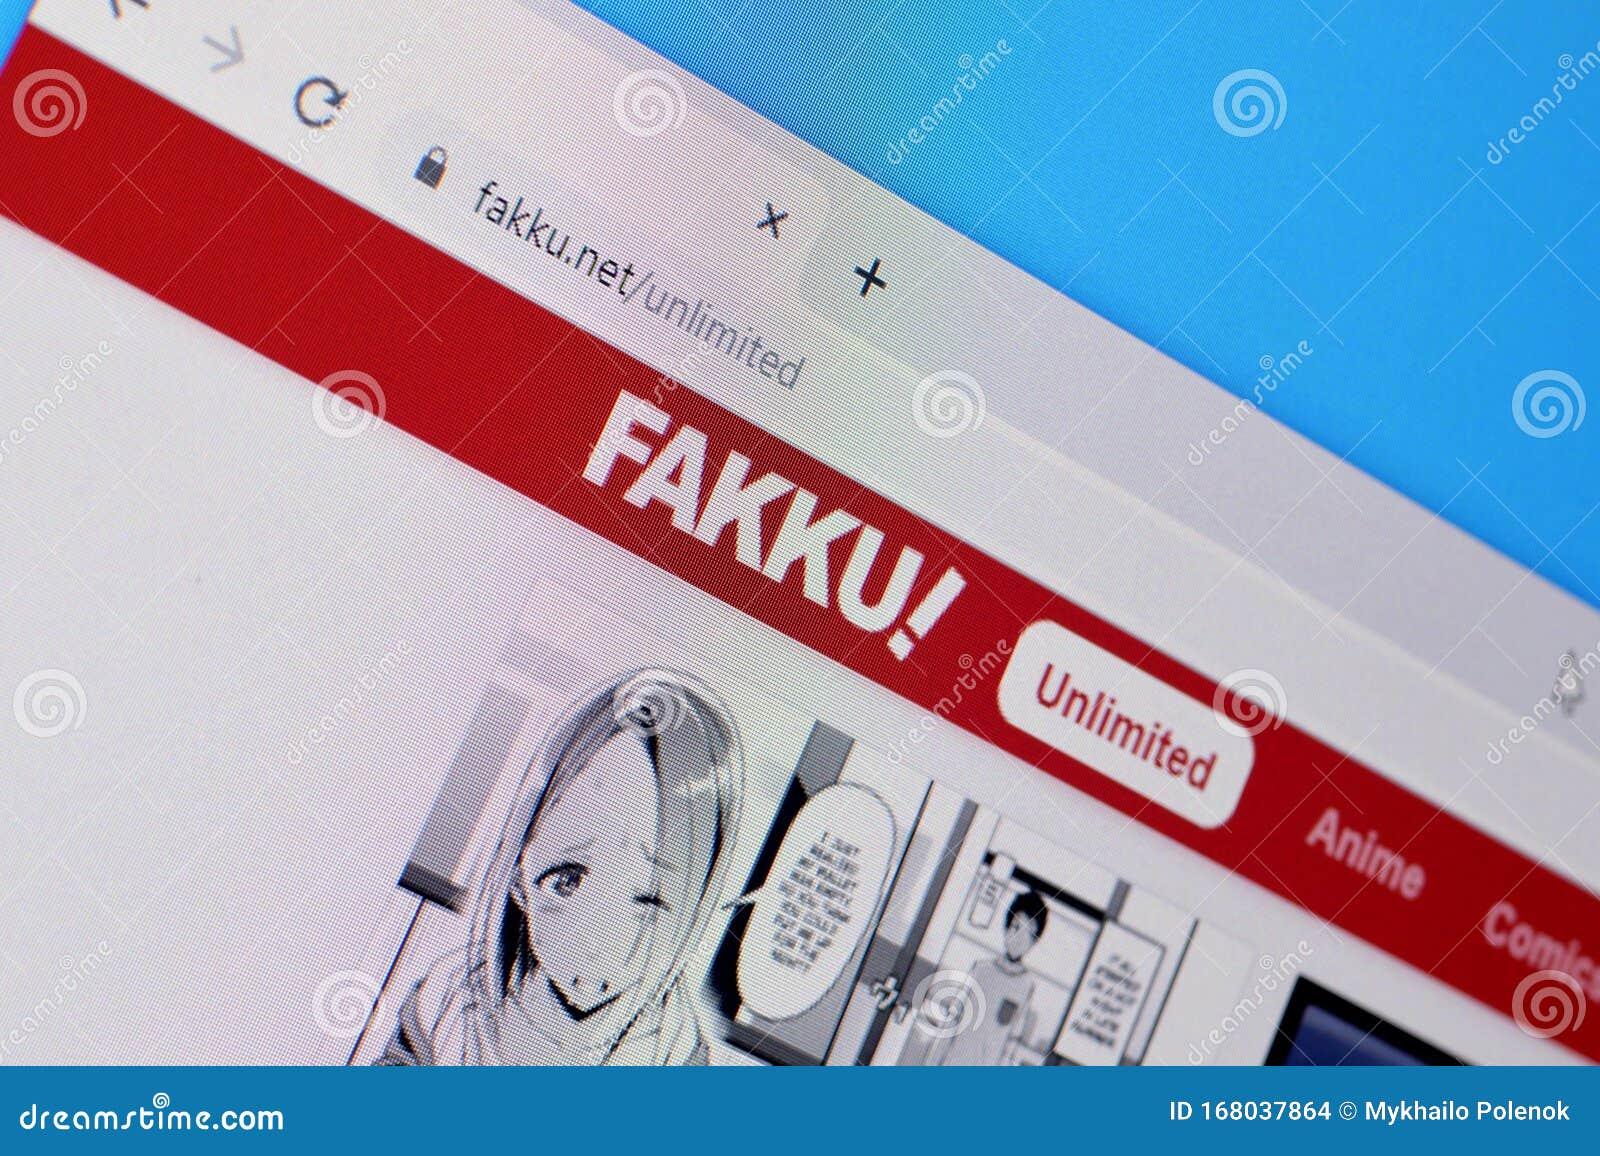 Fakku Free Download